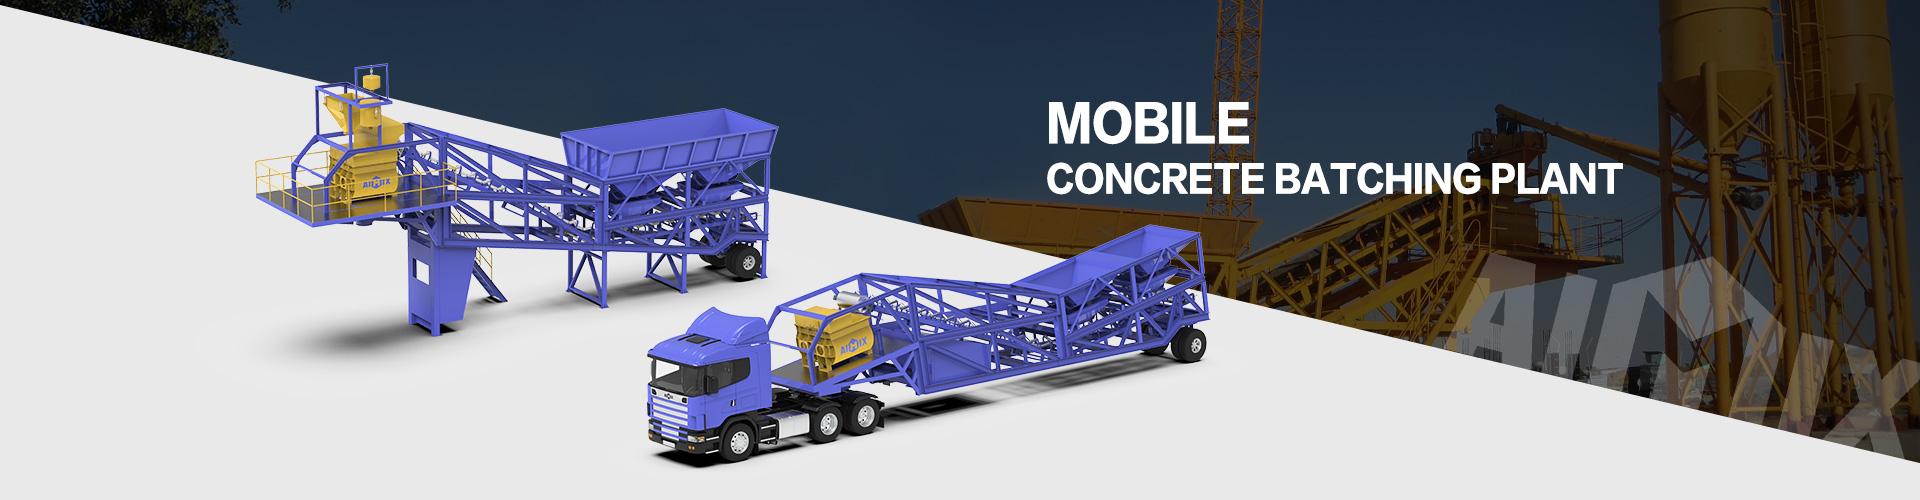 mobile concrete batch plant banner